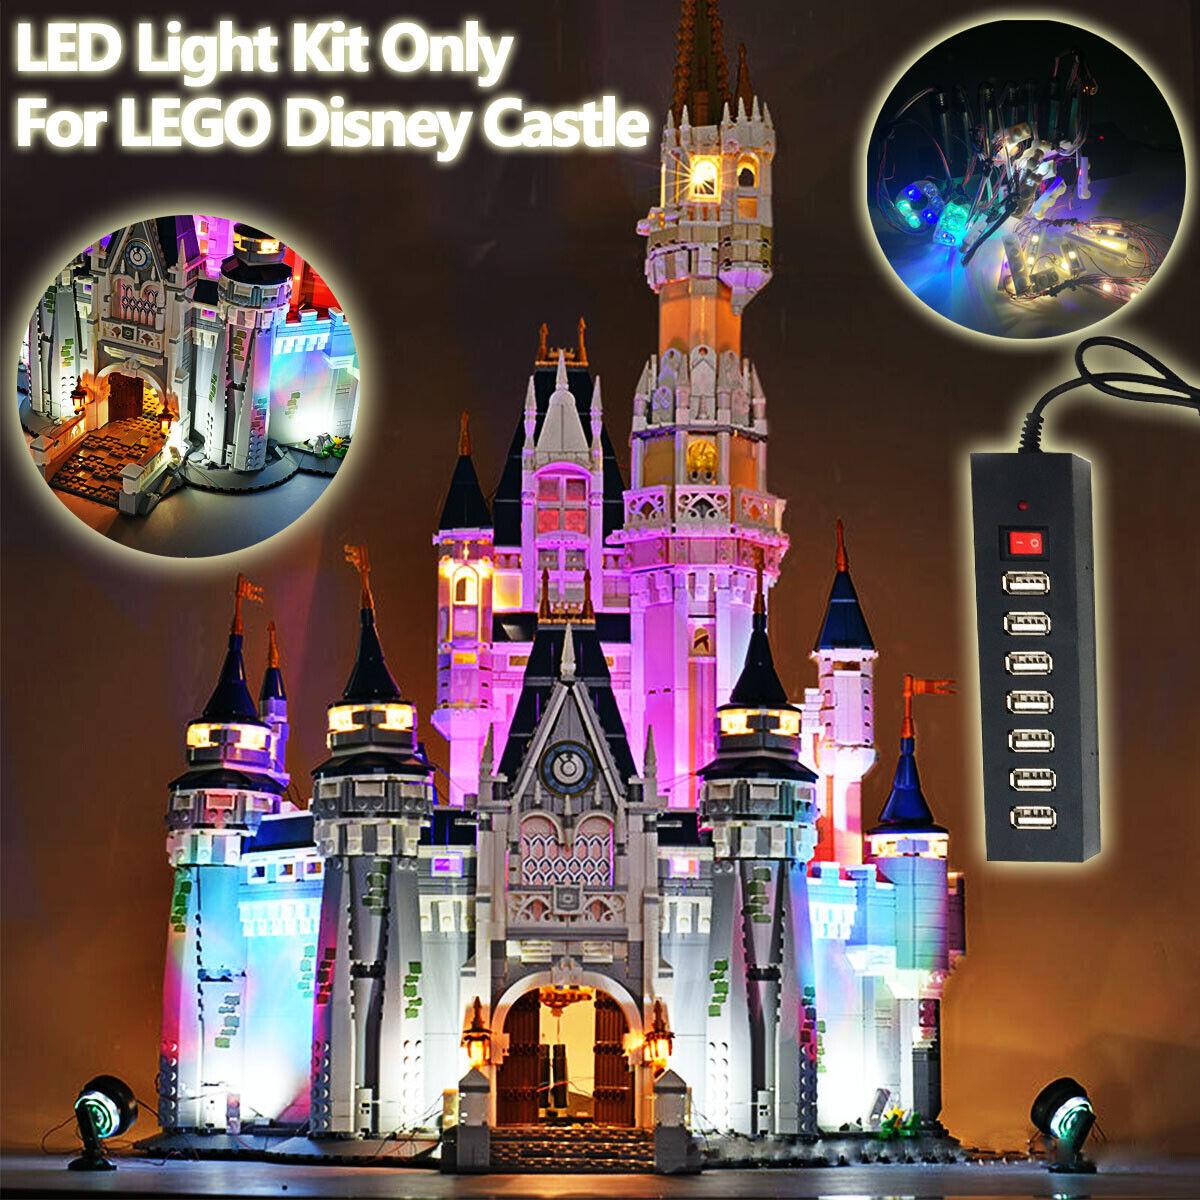 Updated USB LED Light Kit ONLY For Lego 71040 For Disney Castle Bricks Toy m